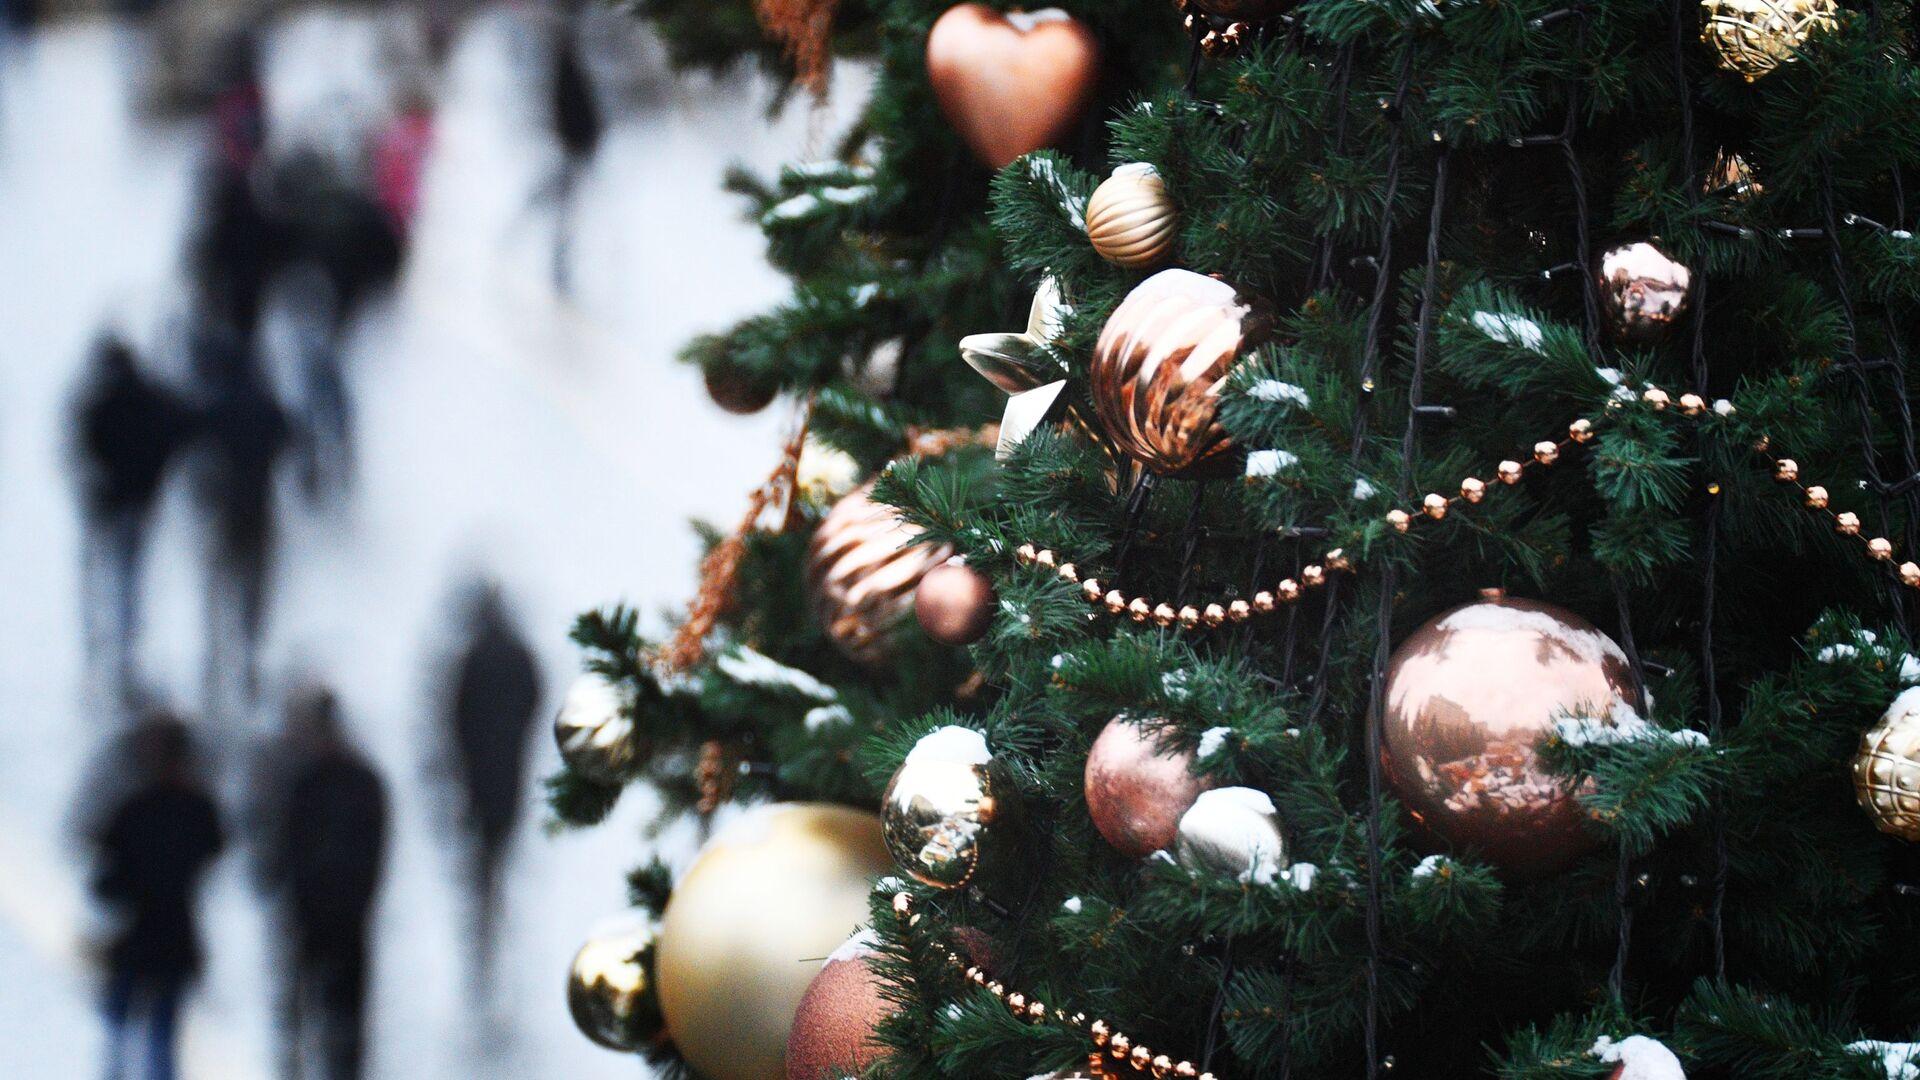 Елочные украшения на новогодней елке в Москве - РИА Новости, 1920, 08.09.2020